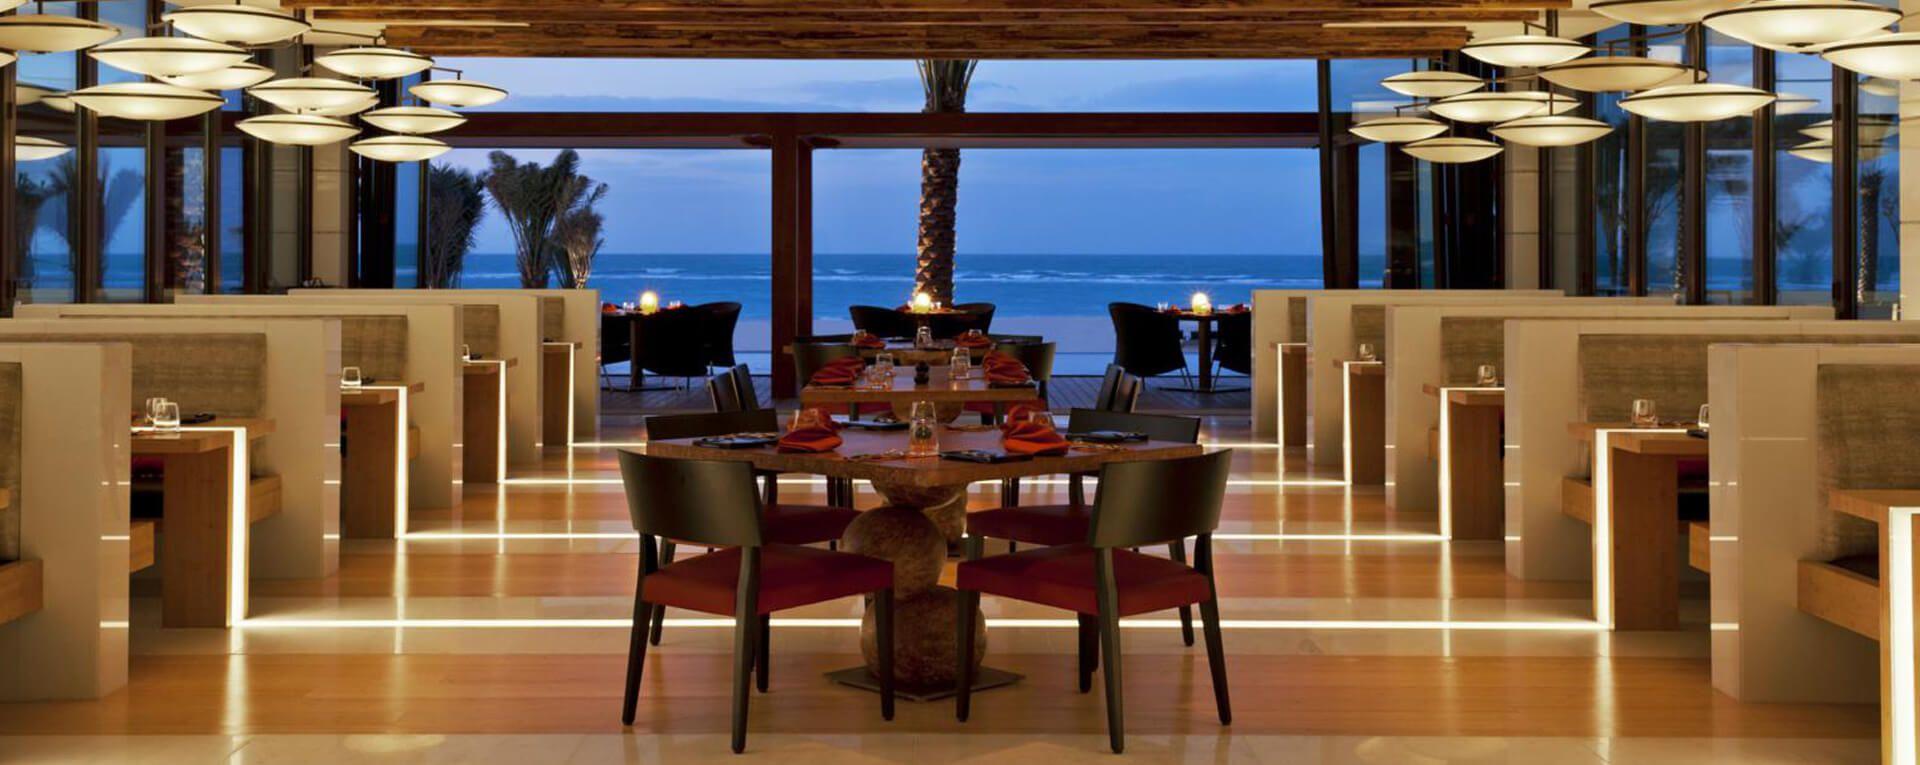 St. Regis Saadiyat Island Resort